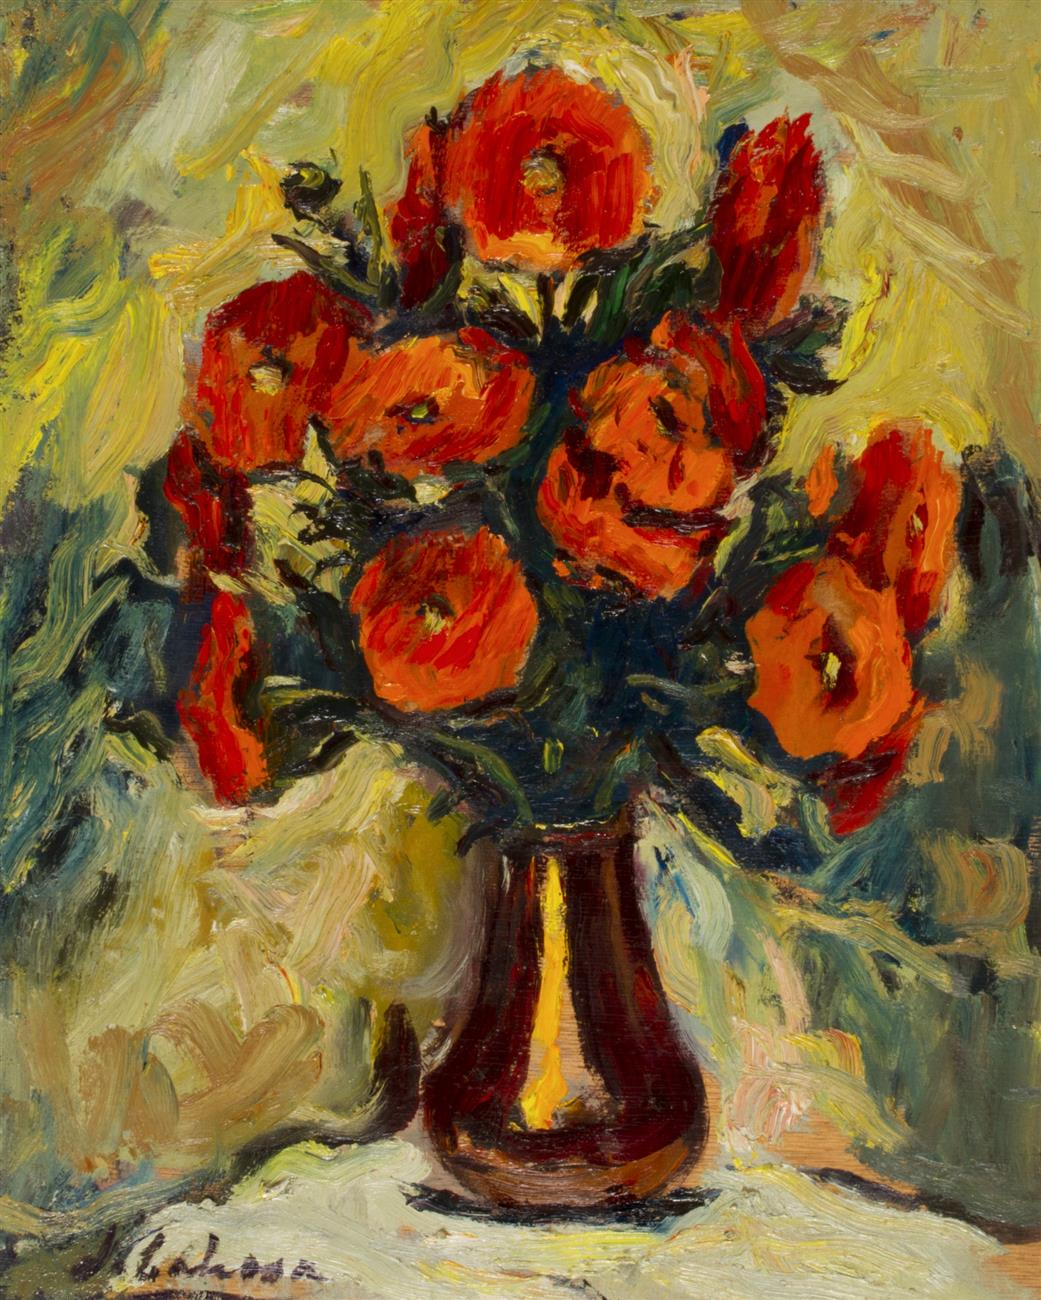 Flors en un gerro de coure | Lahosa Valimaña, Joan